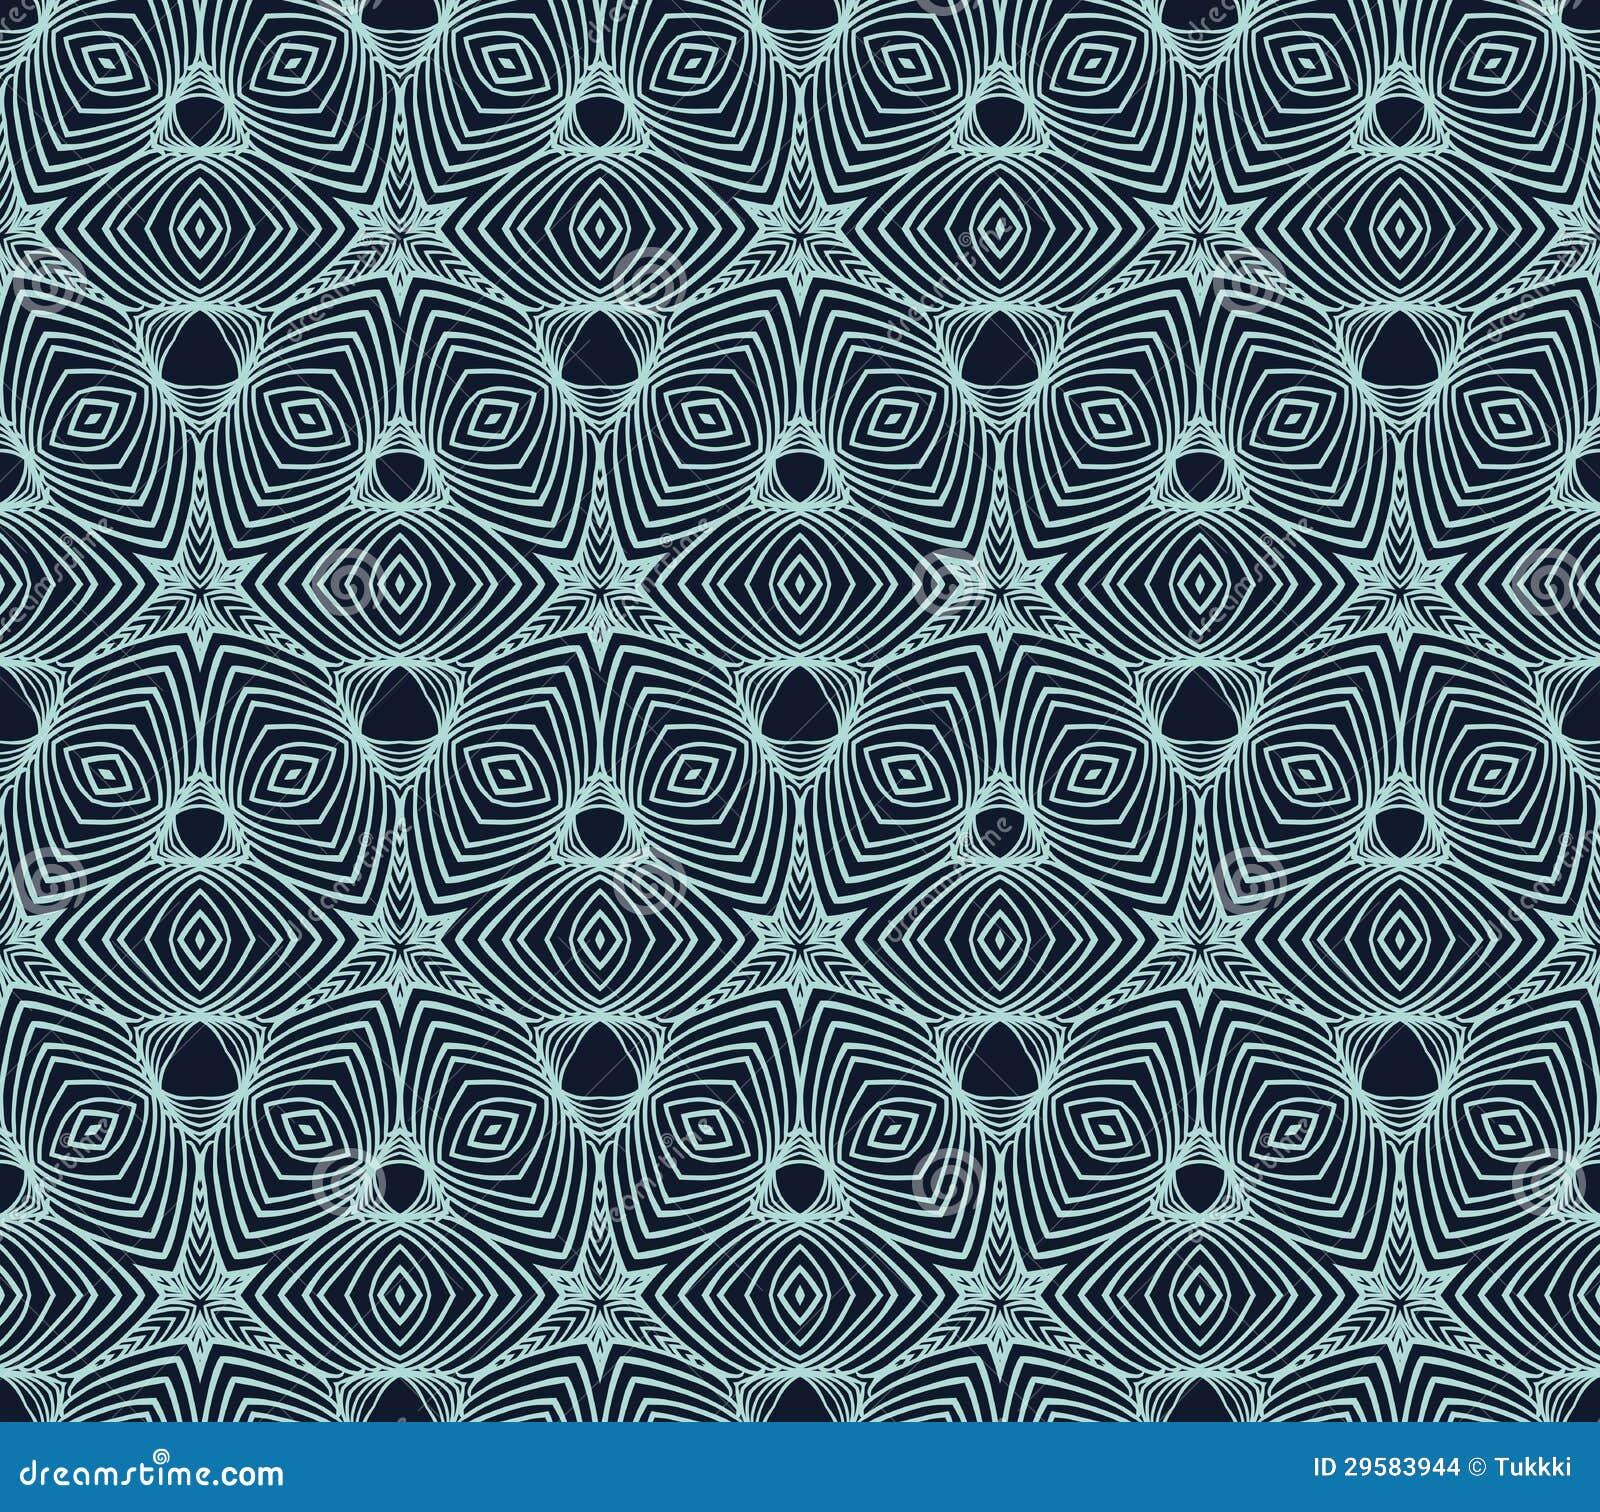 Reticolo geometrico lineare disegno della carta da parati for Carta da parati disegni